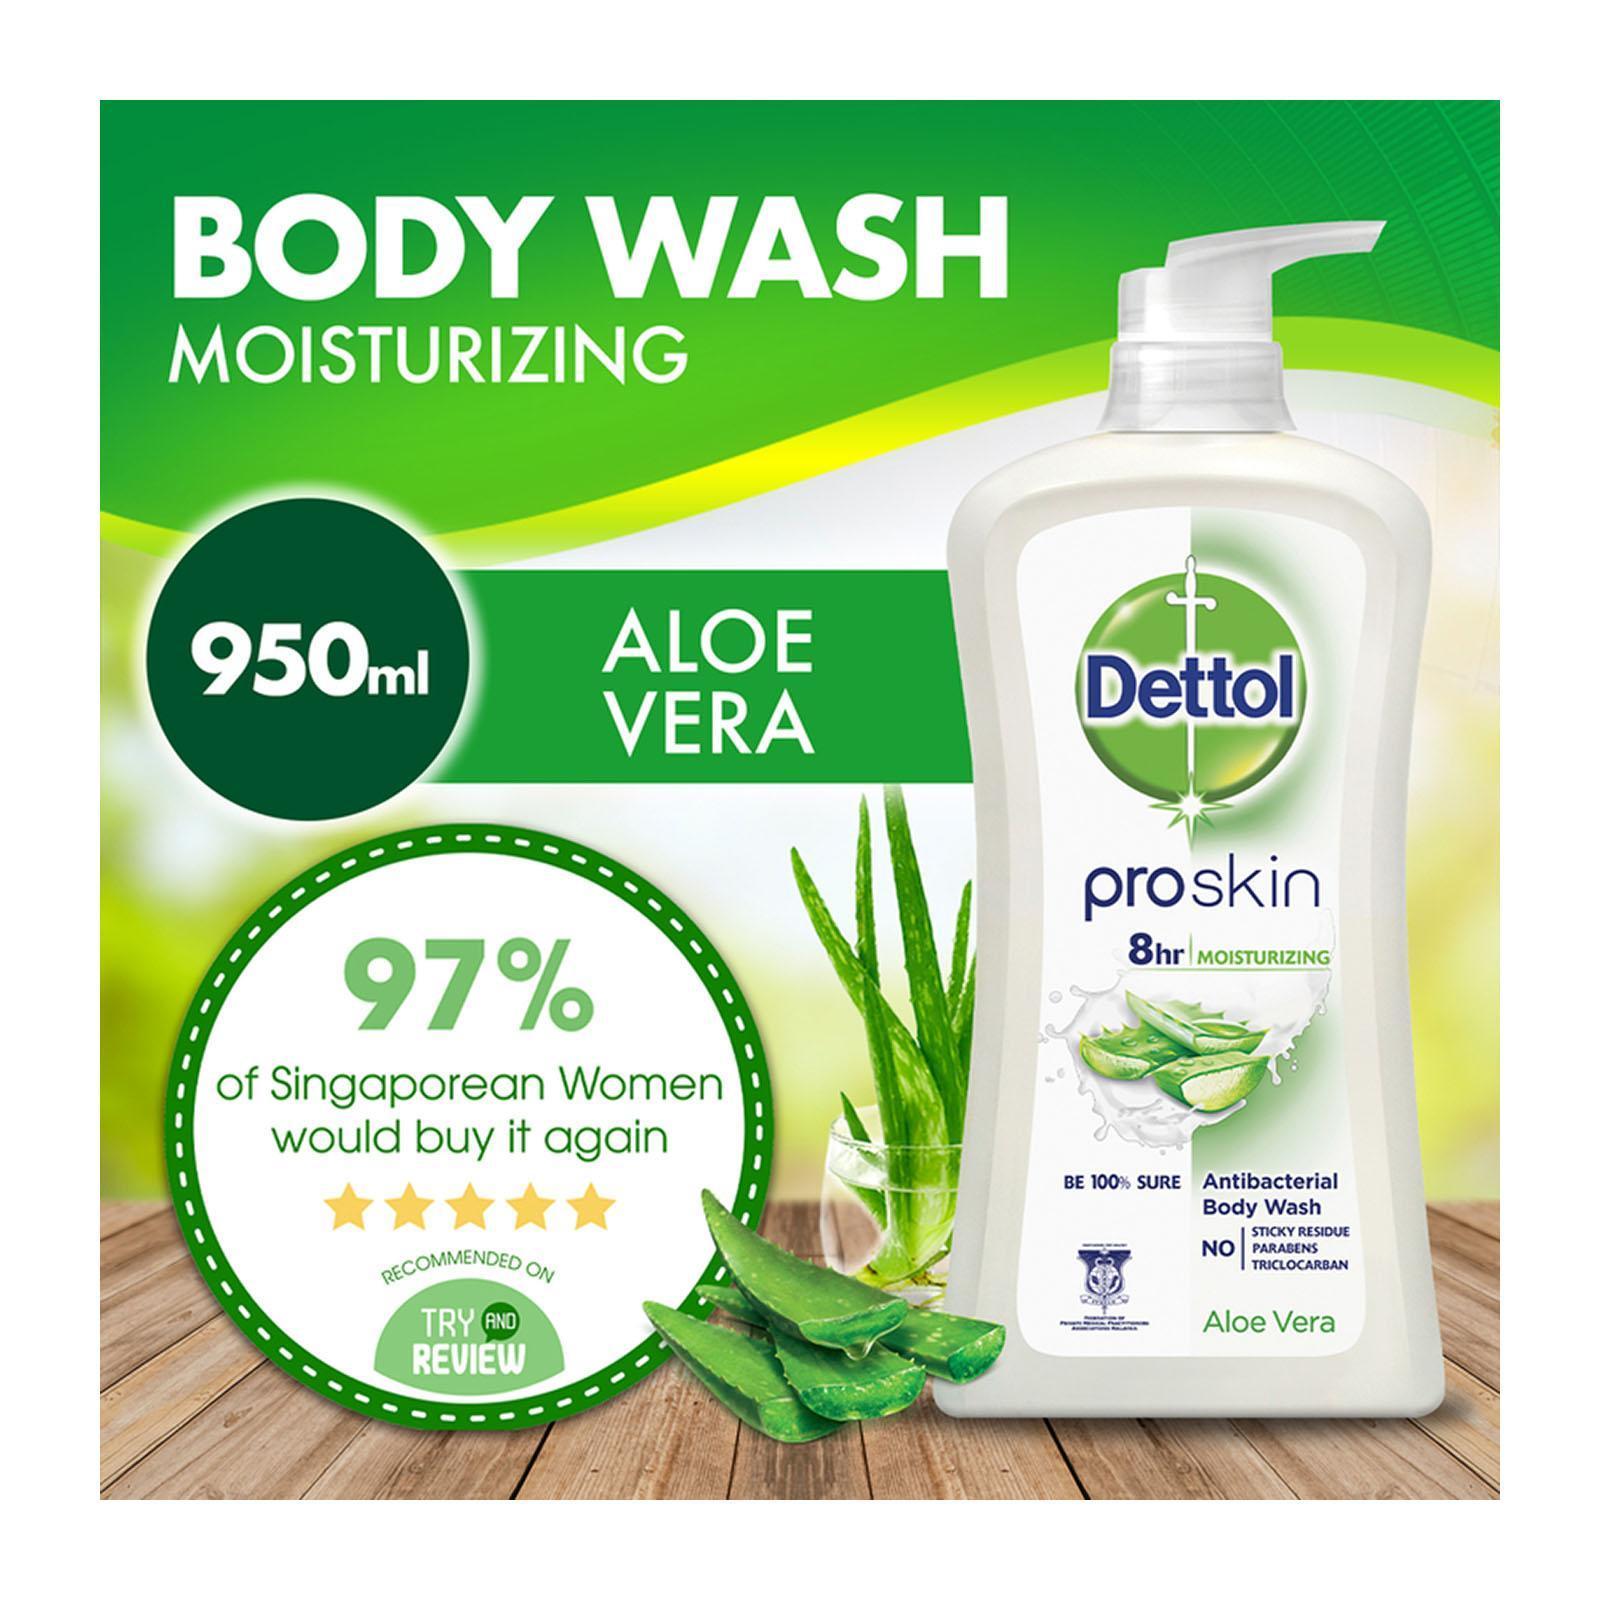 Dettol Pro Skin Aloe Vera Body Wash